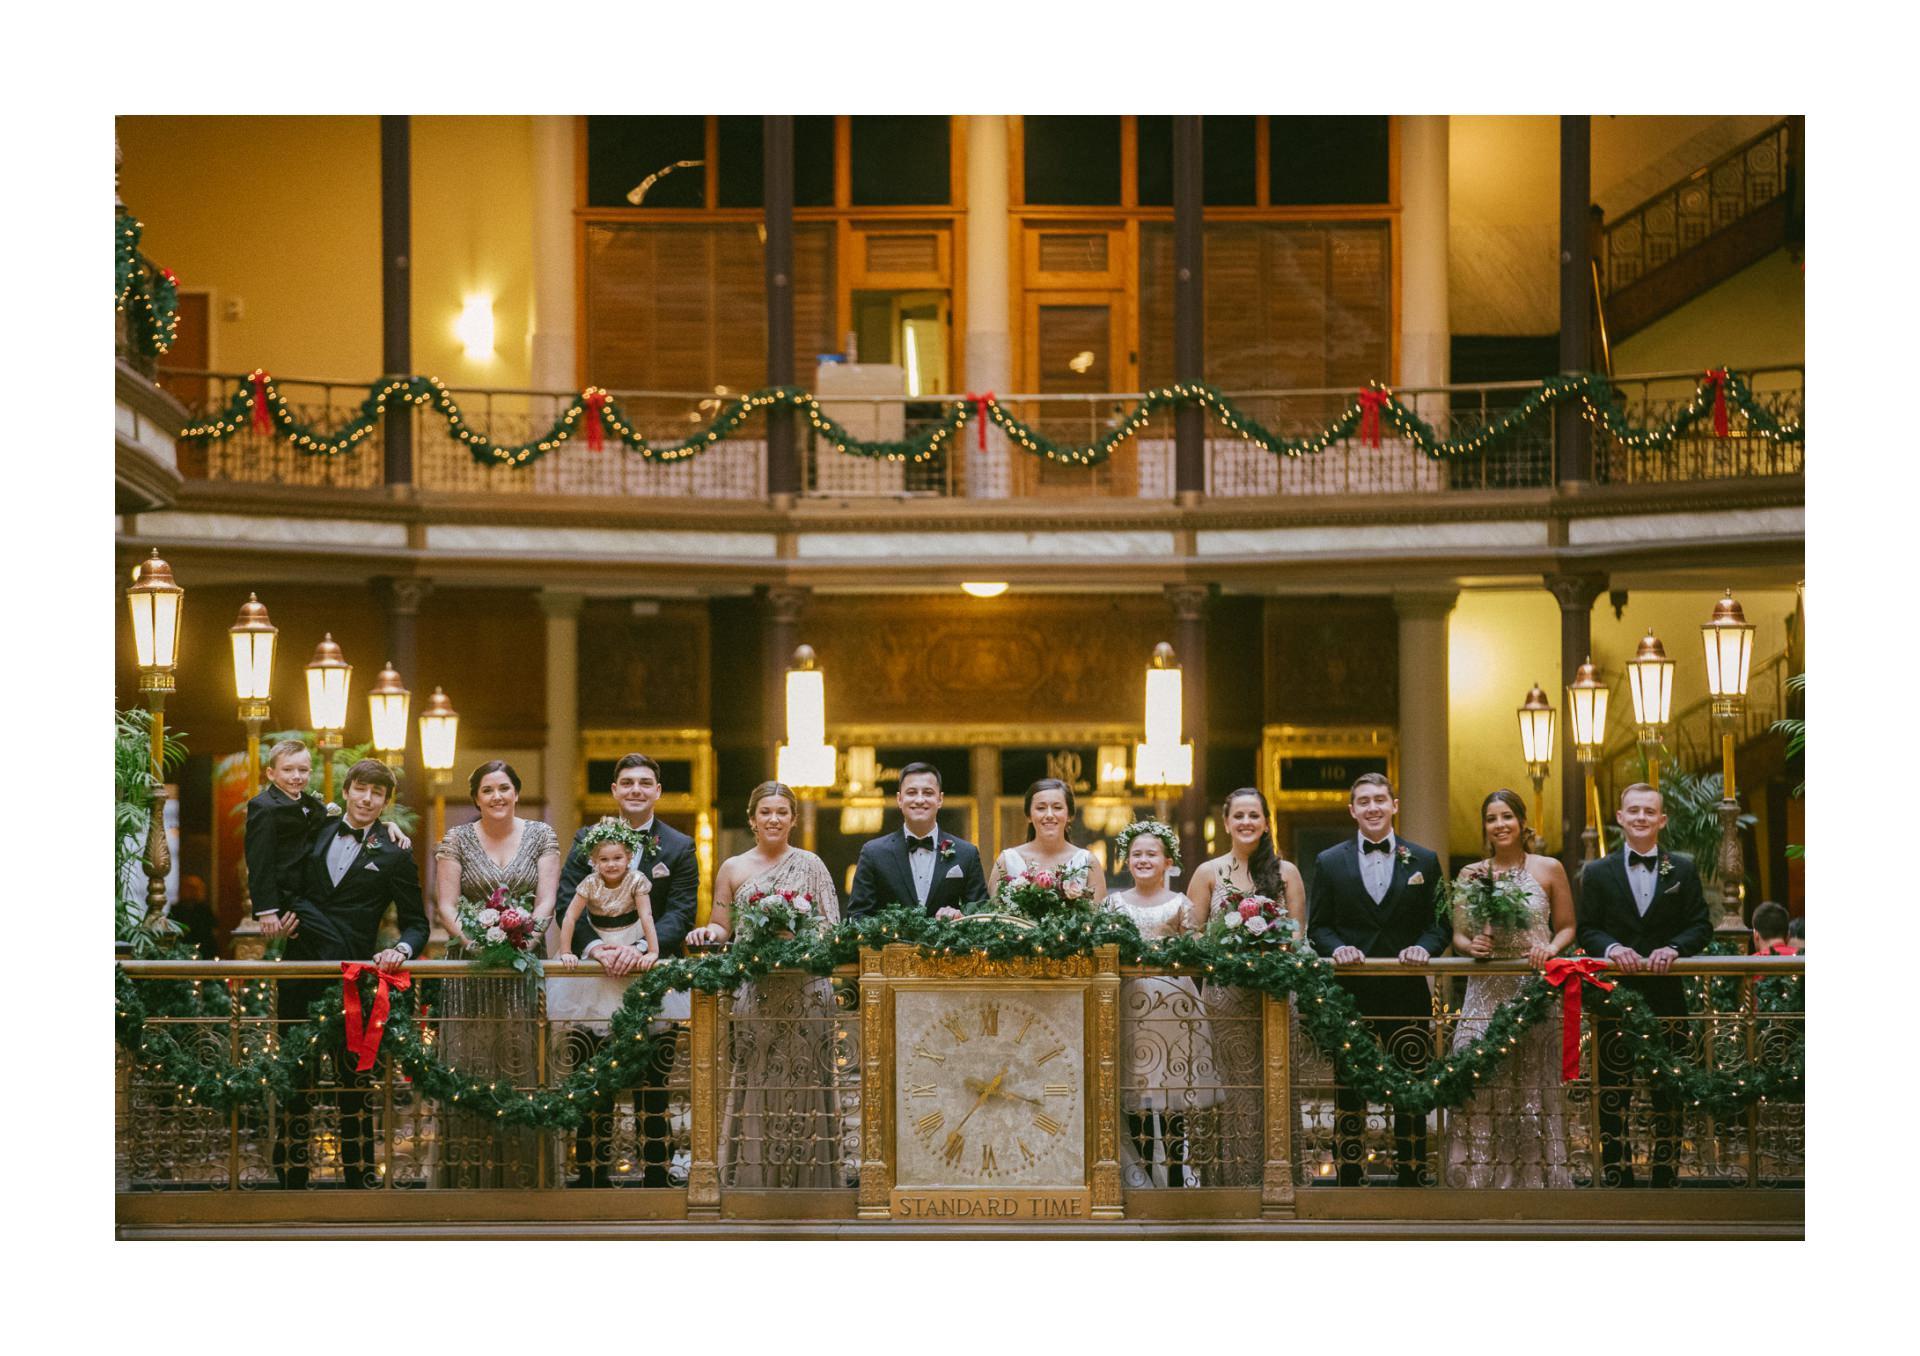 Hyatt Old Arcade Wedding Photographer in Cleveland 1 29.jpg